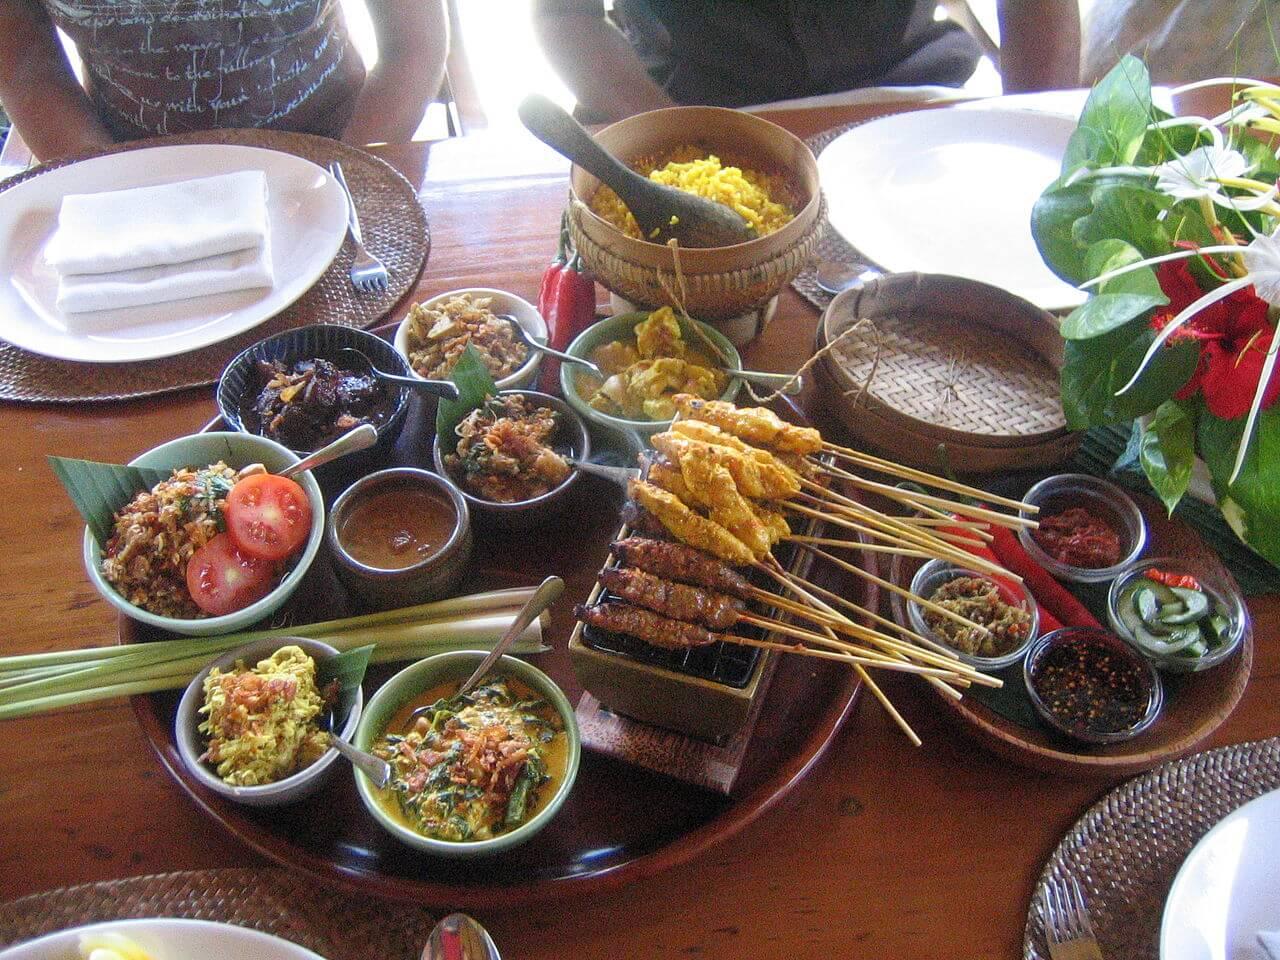 comida tipica balinesa